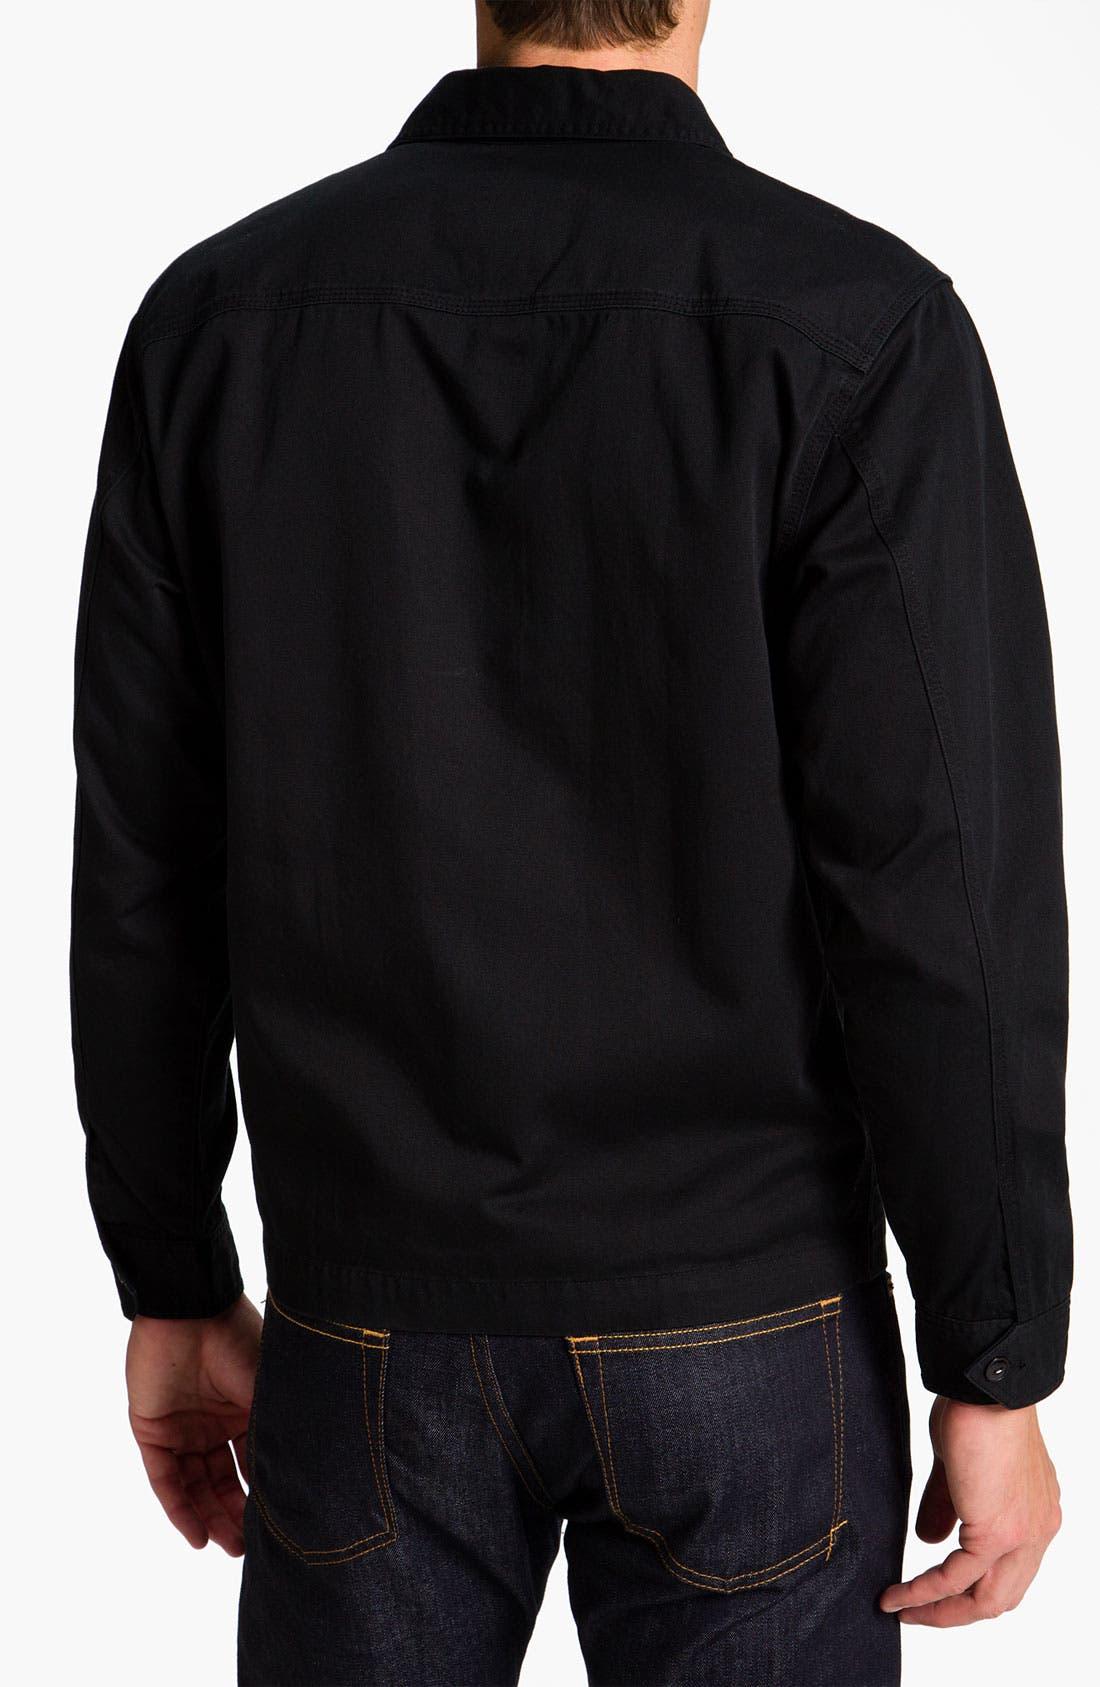 Alternate Image 2  - Lacoste L!VE Cotton Twill Trim Fit Shirt Jacket